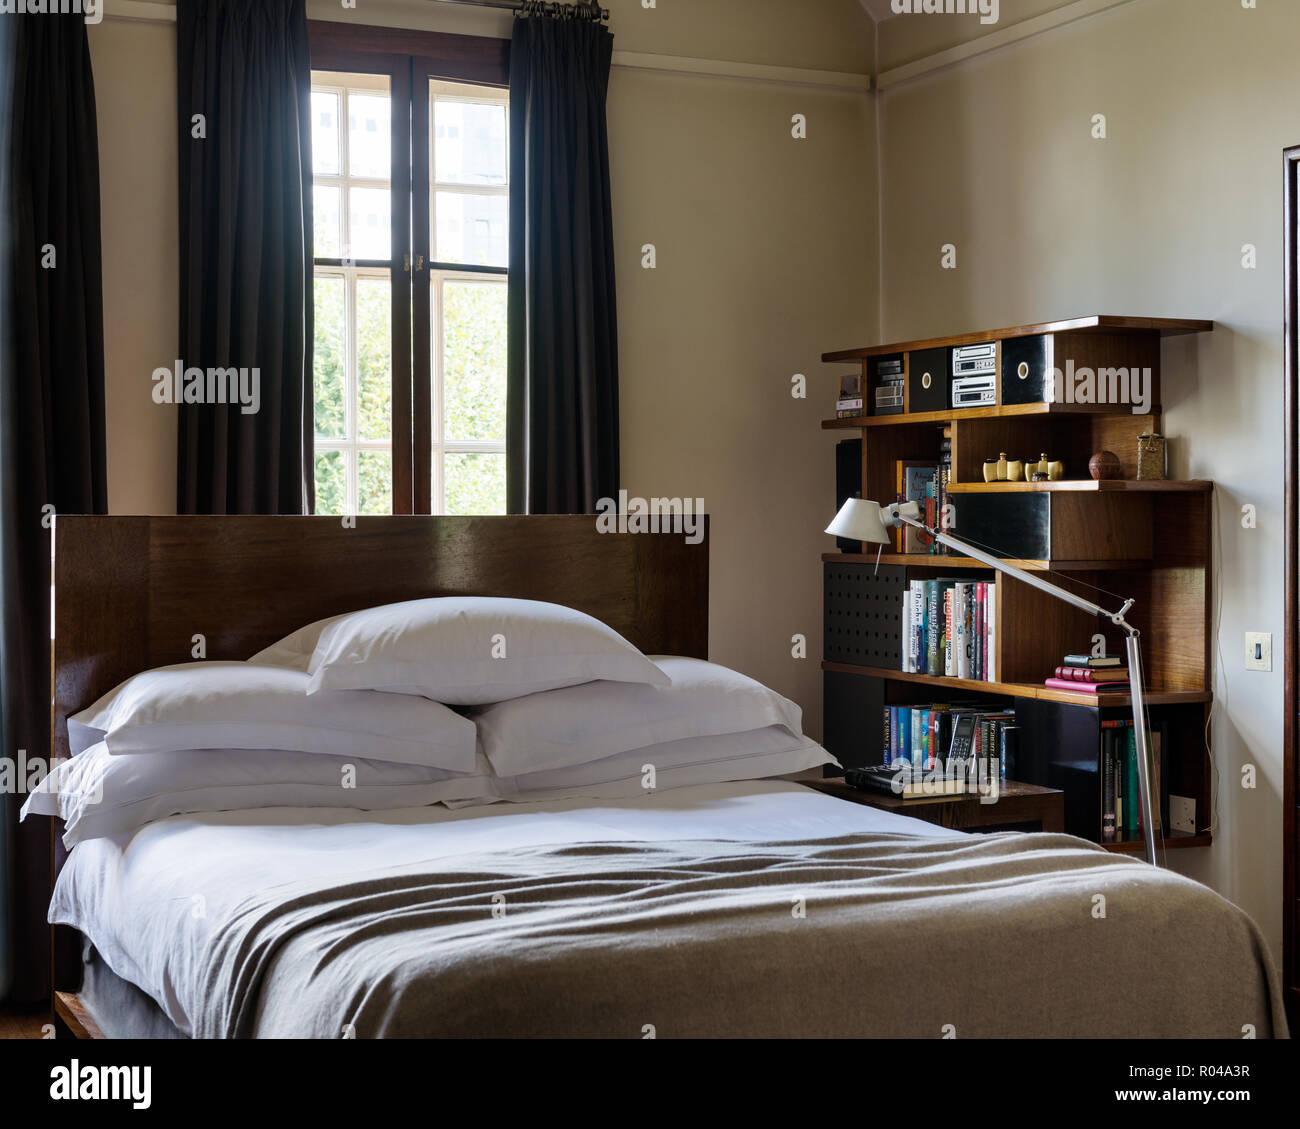 Schlafzimmer Mit Bucherregal Stockfotografie Alamy